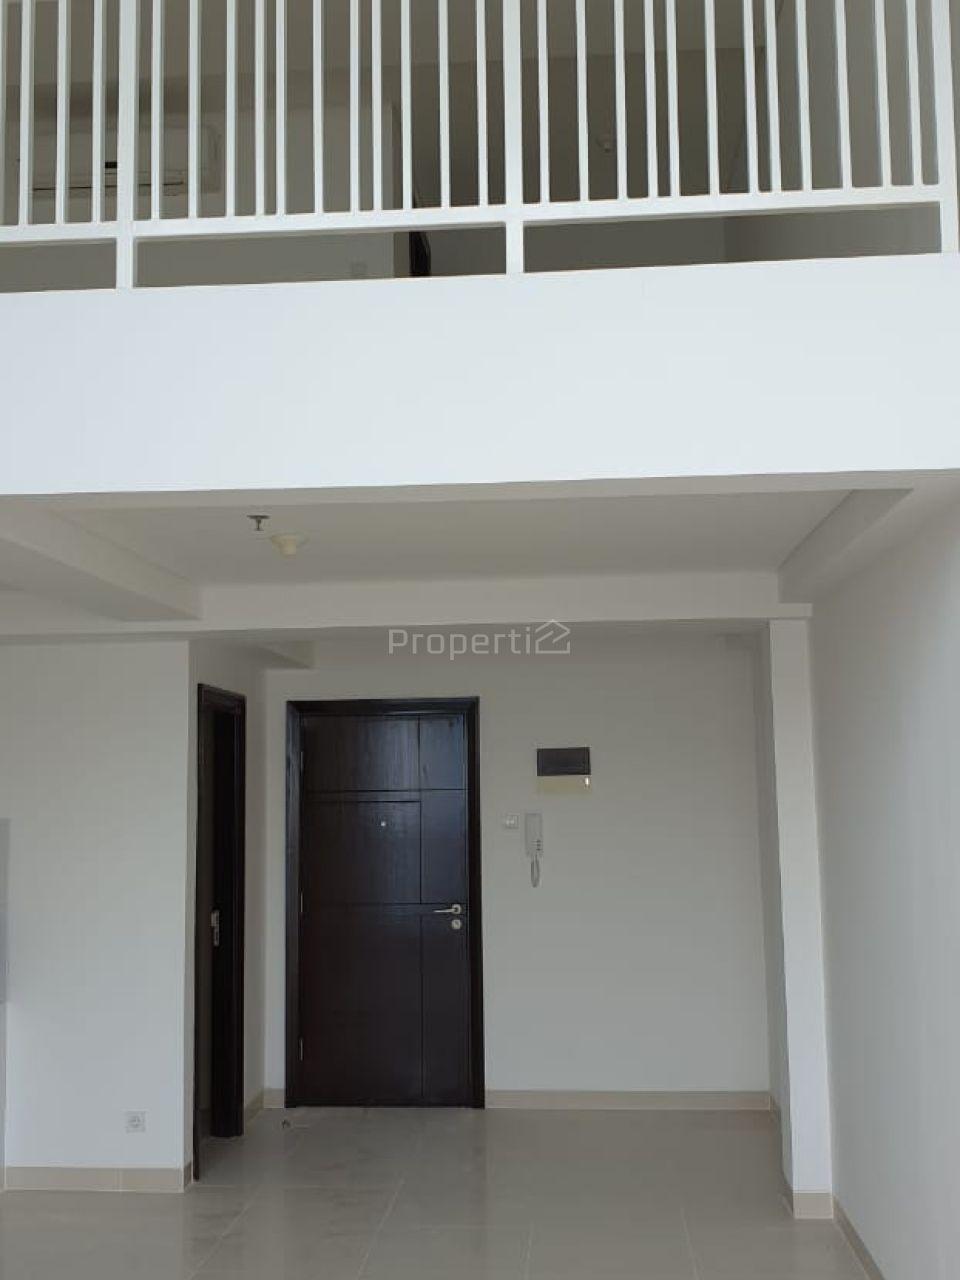 Unit Tipe Loft di Lantai 30 Tower Avenue, Neo SOHO, DKI Jakarta